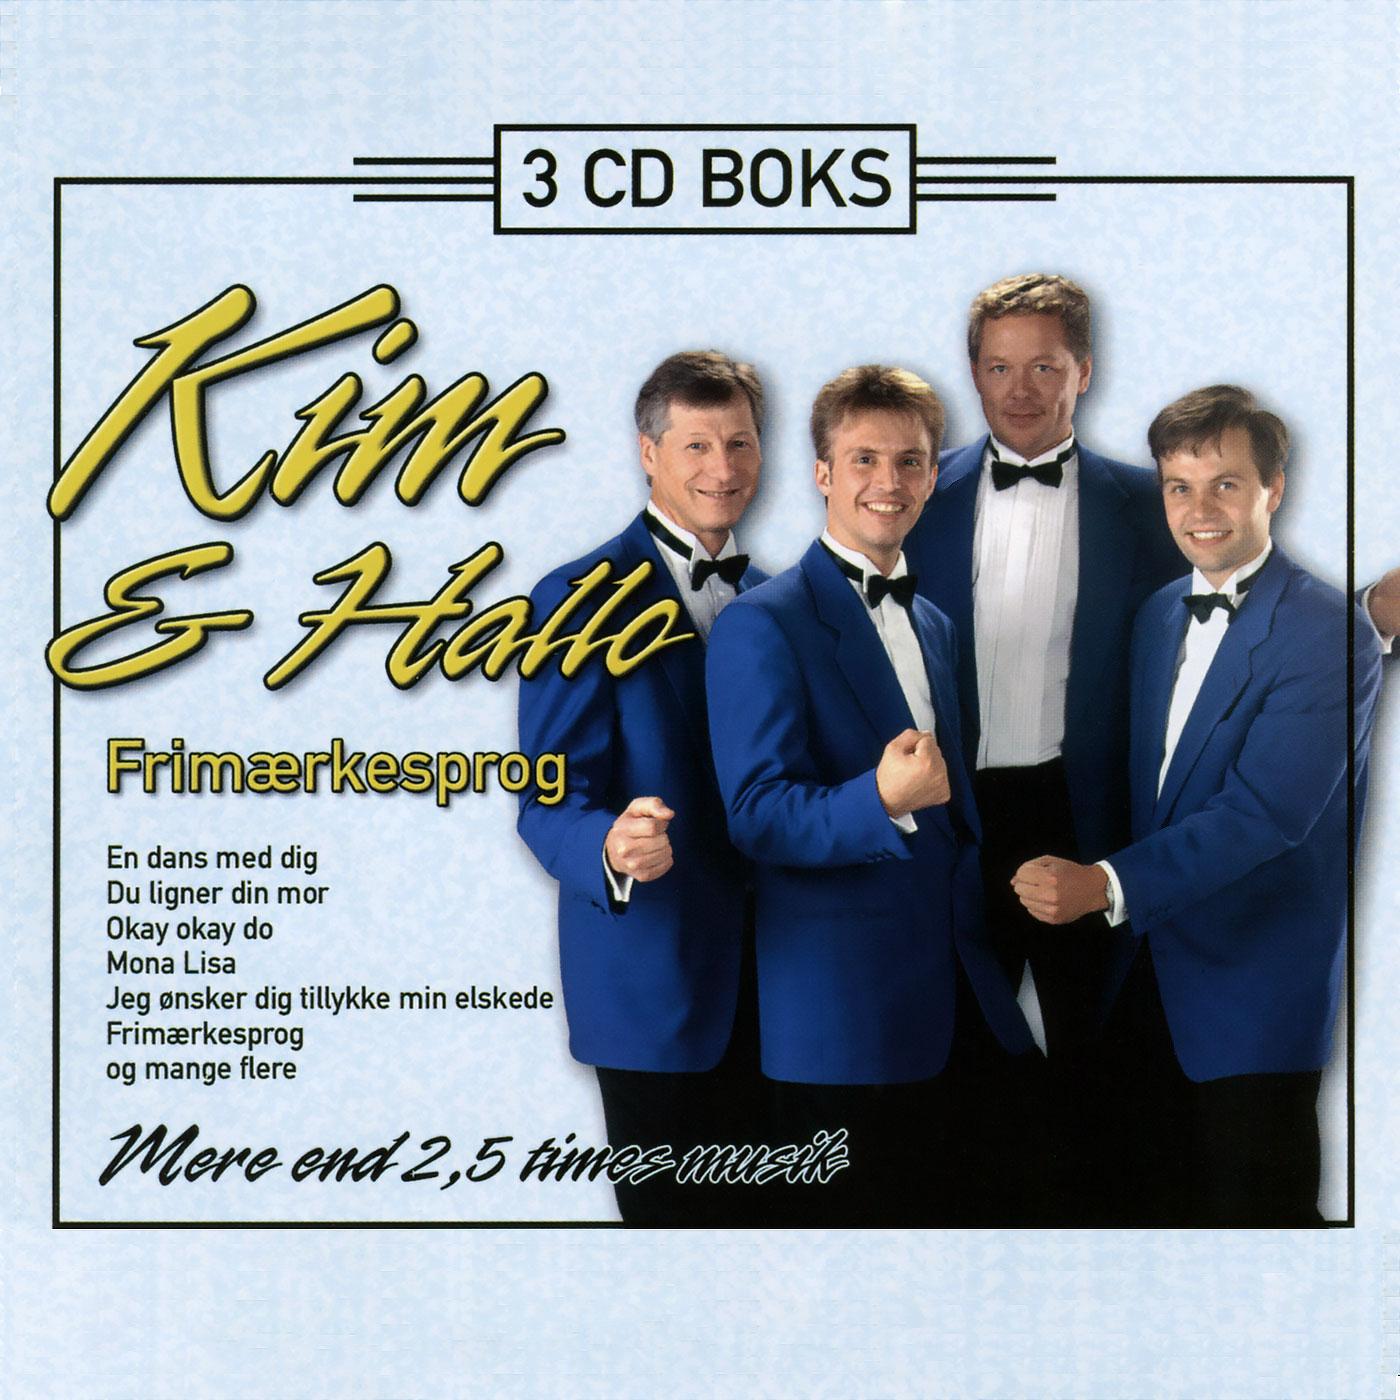 3 CD boks